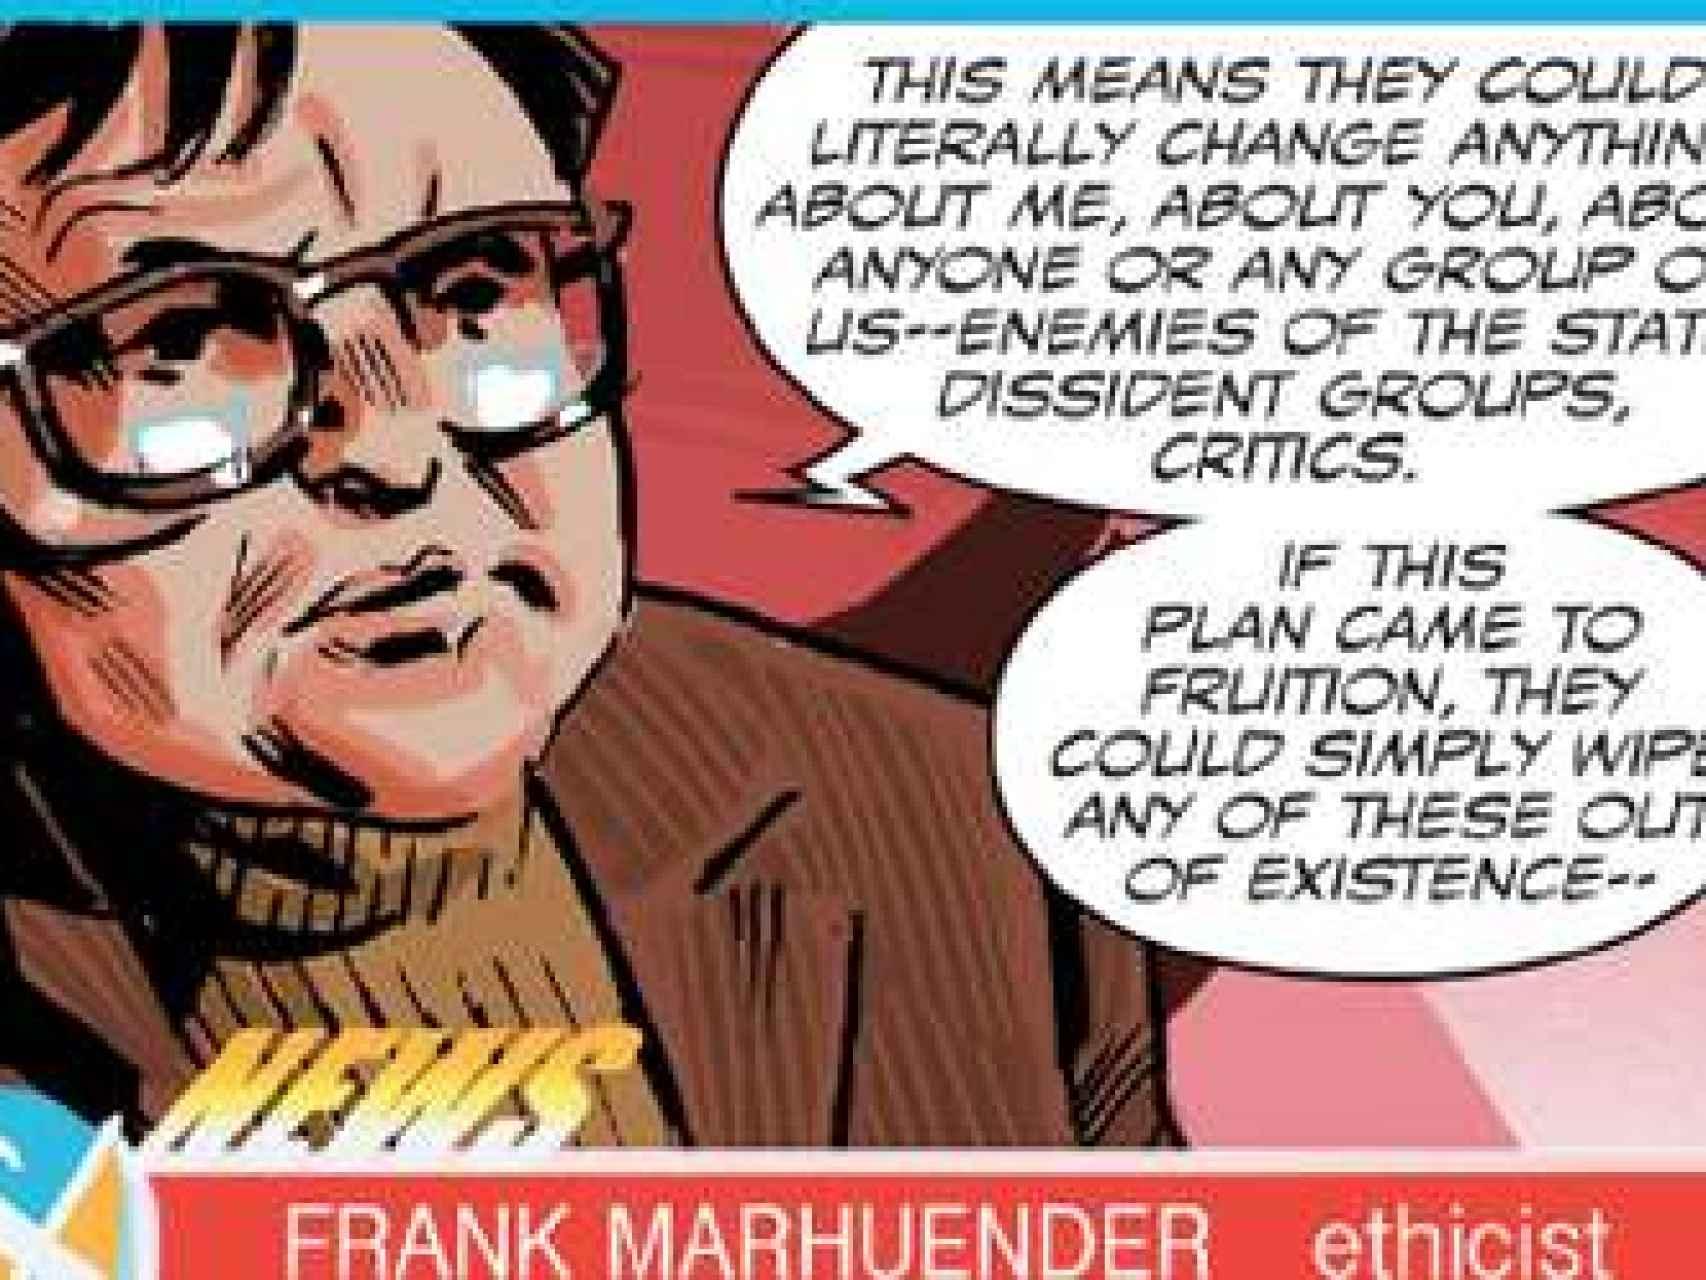 Viñeta del cómic en la que aparece Frank Marhuender, 'alter ego' de Marhuenda